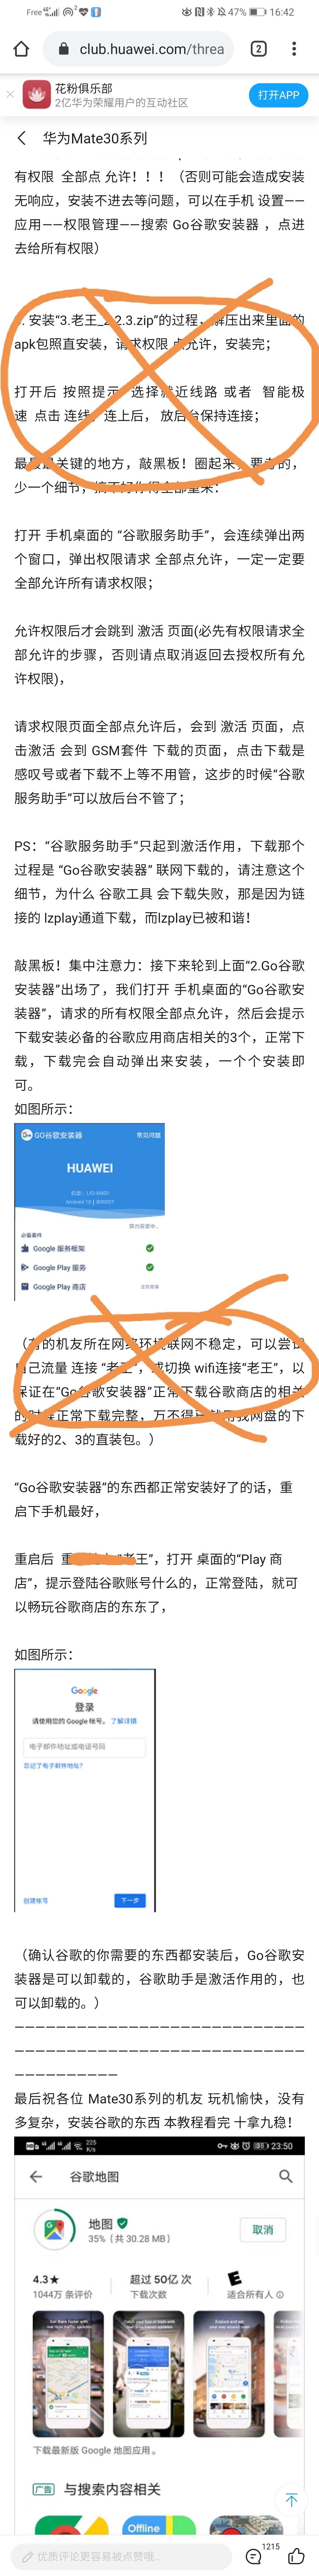 新手机到啦,实操mate30pro 谷歌框架可用!!